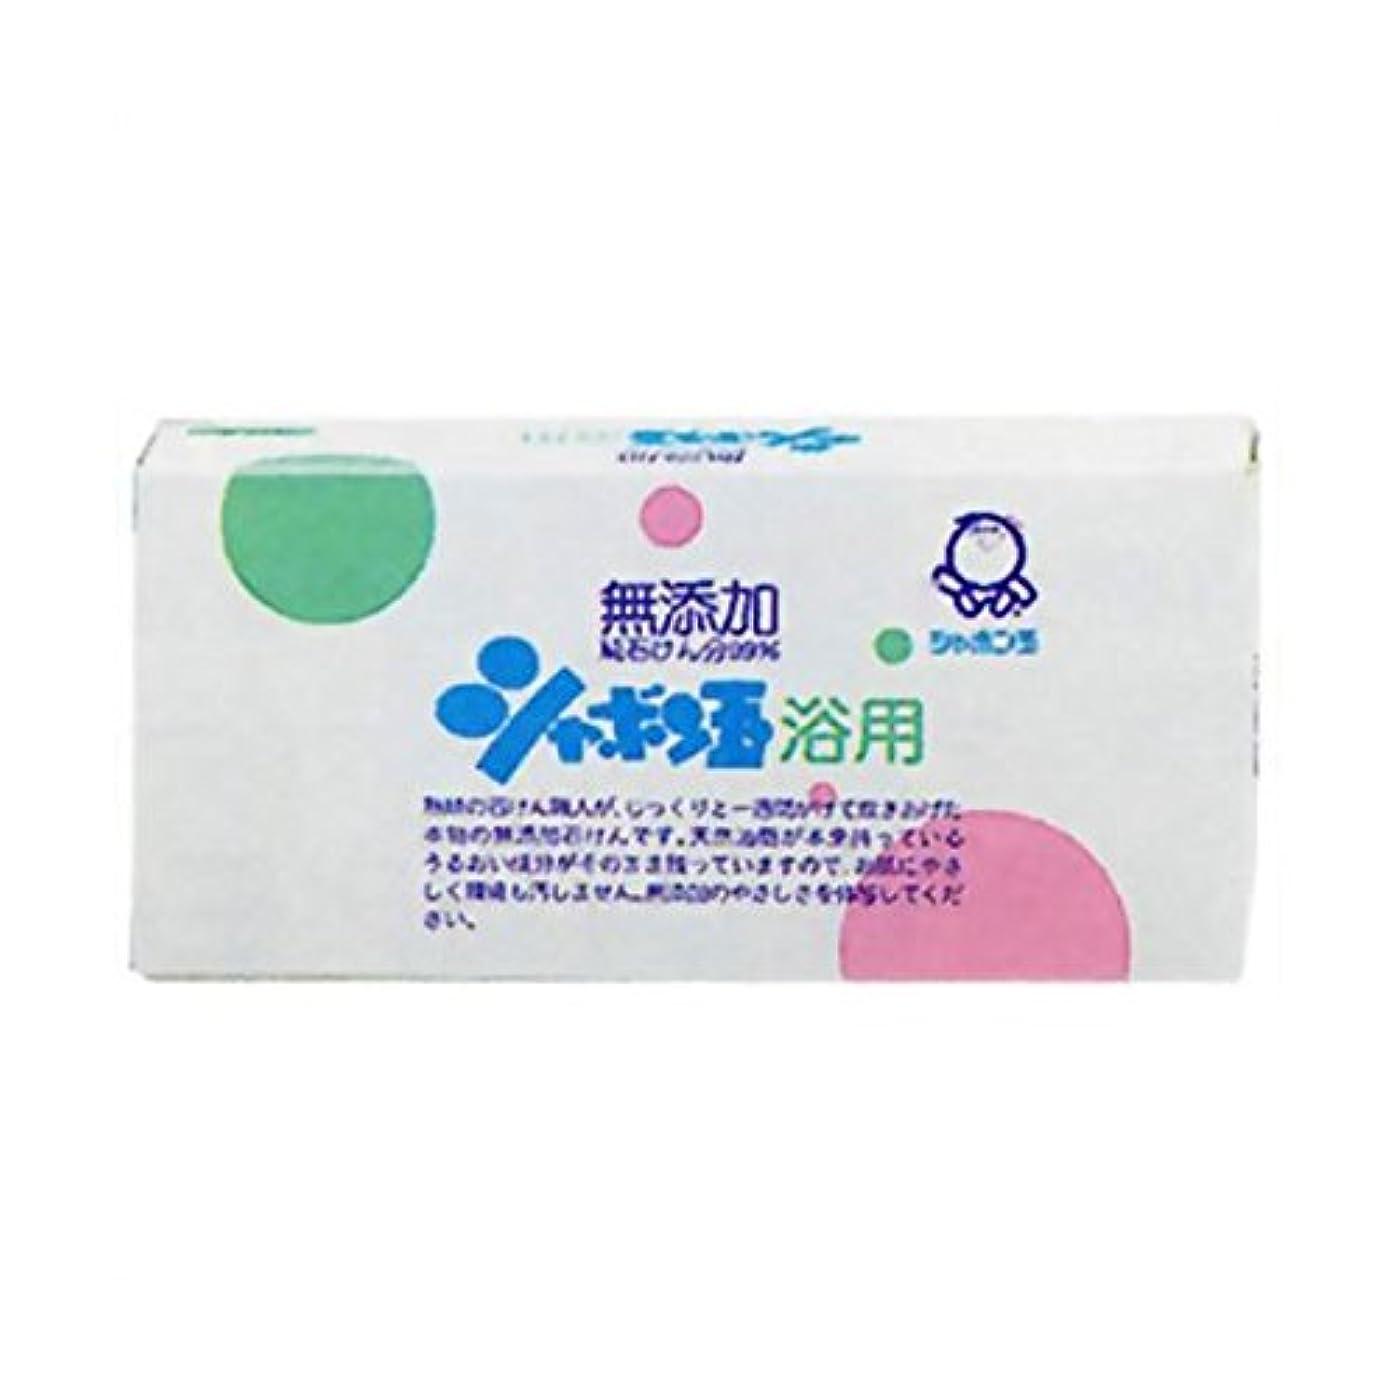 収まる歩く入場料【お徳用 15 セット】 シャボン玉 浴用 石けん 100g×3個入(無添加石鹸)×15セット